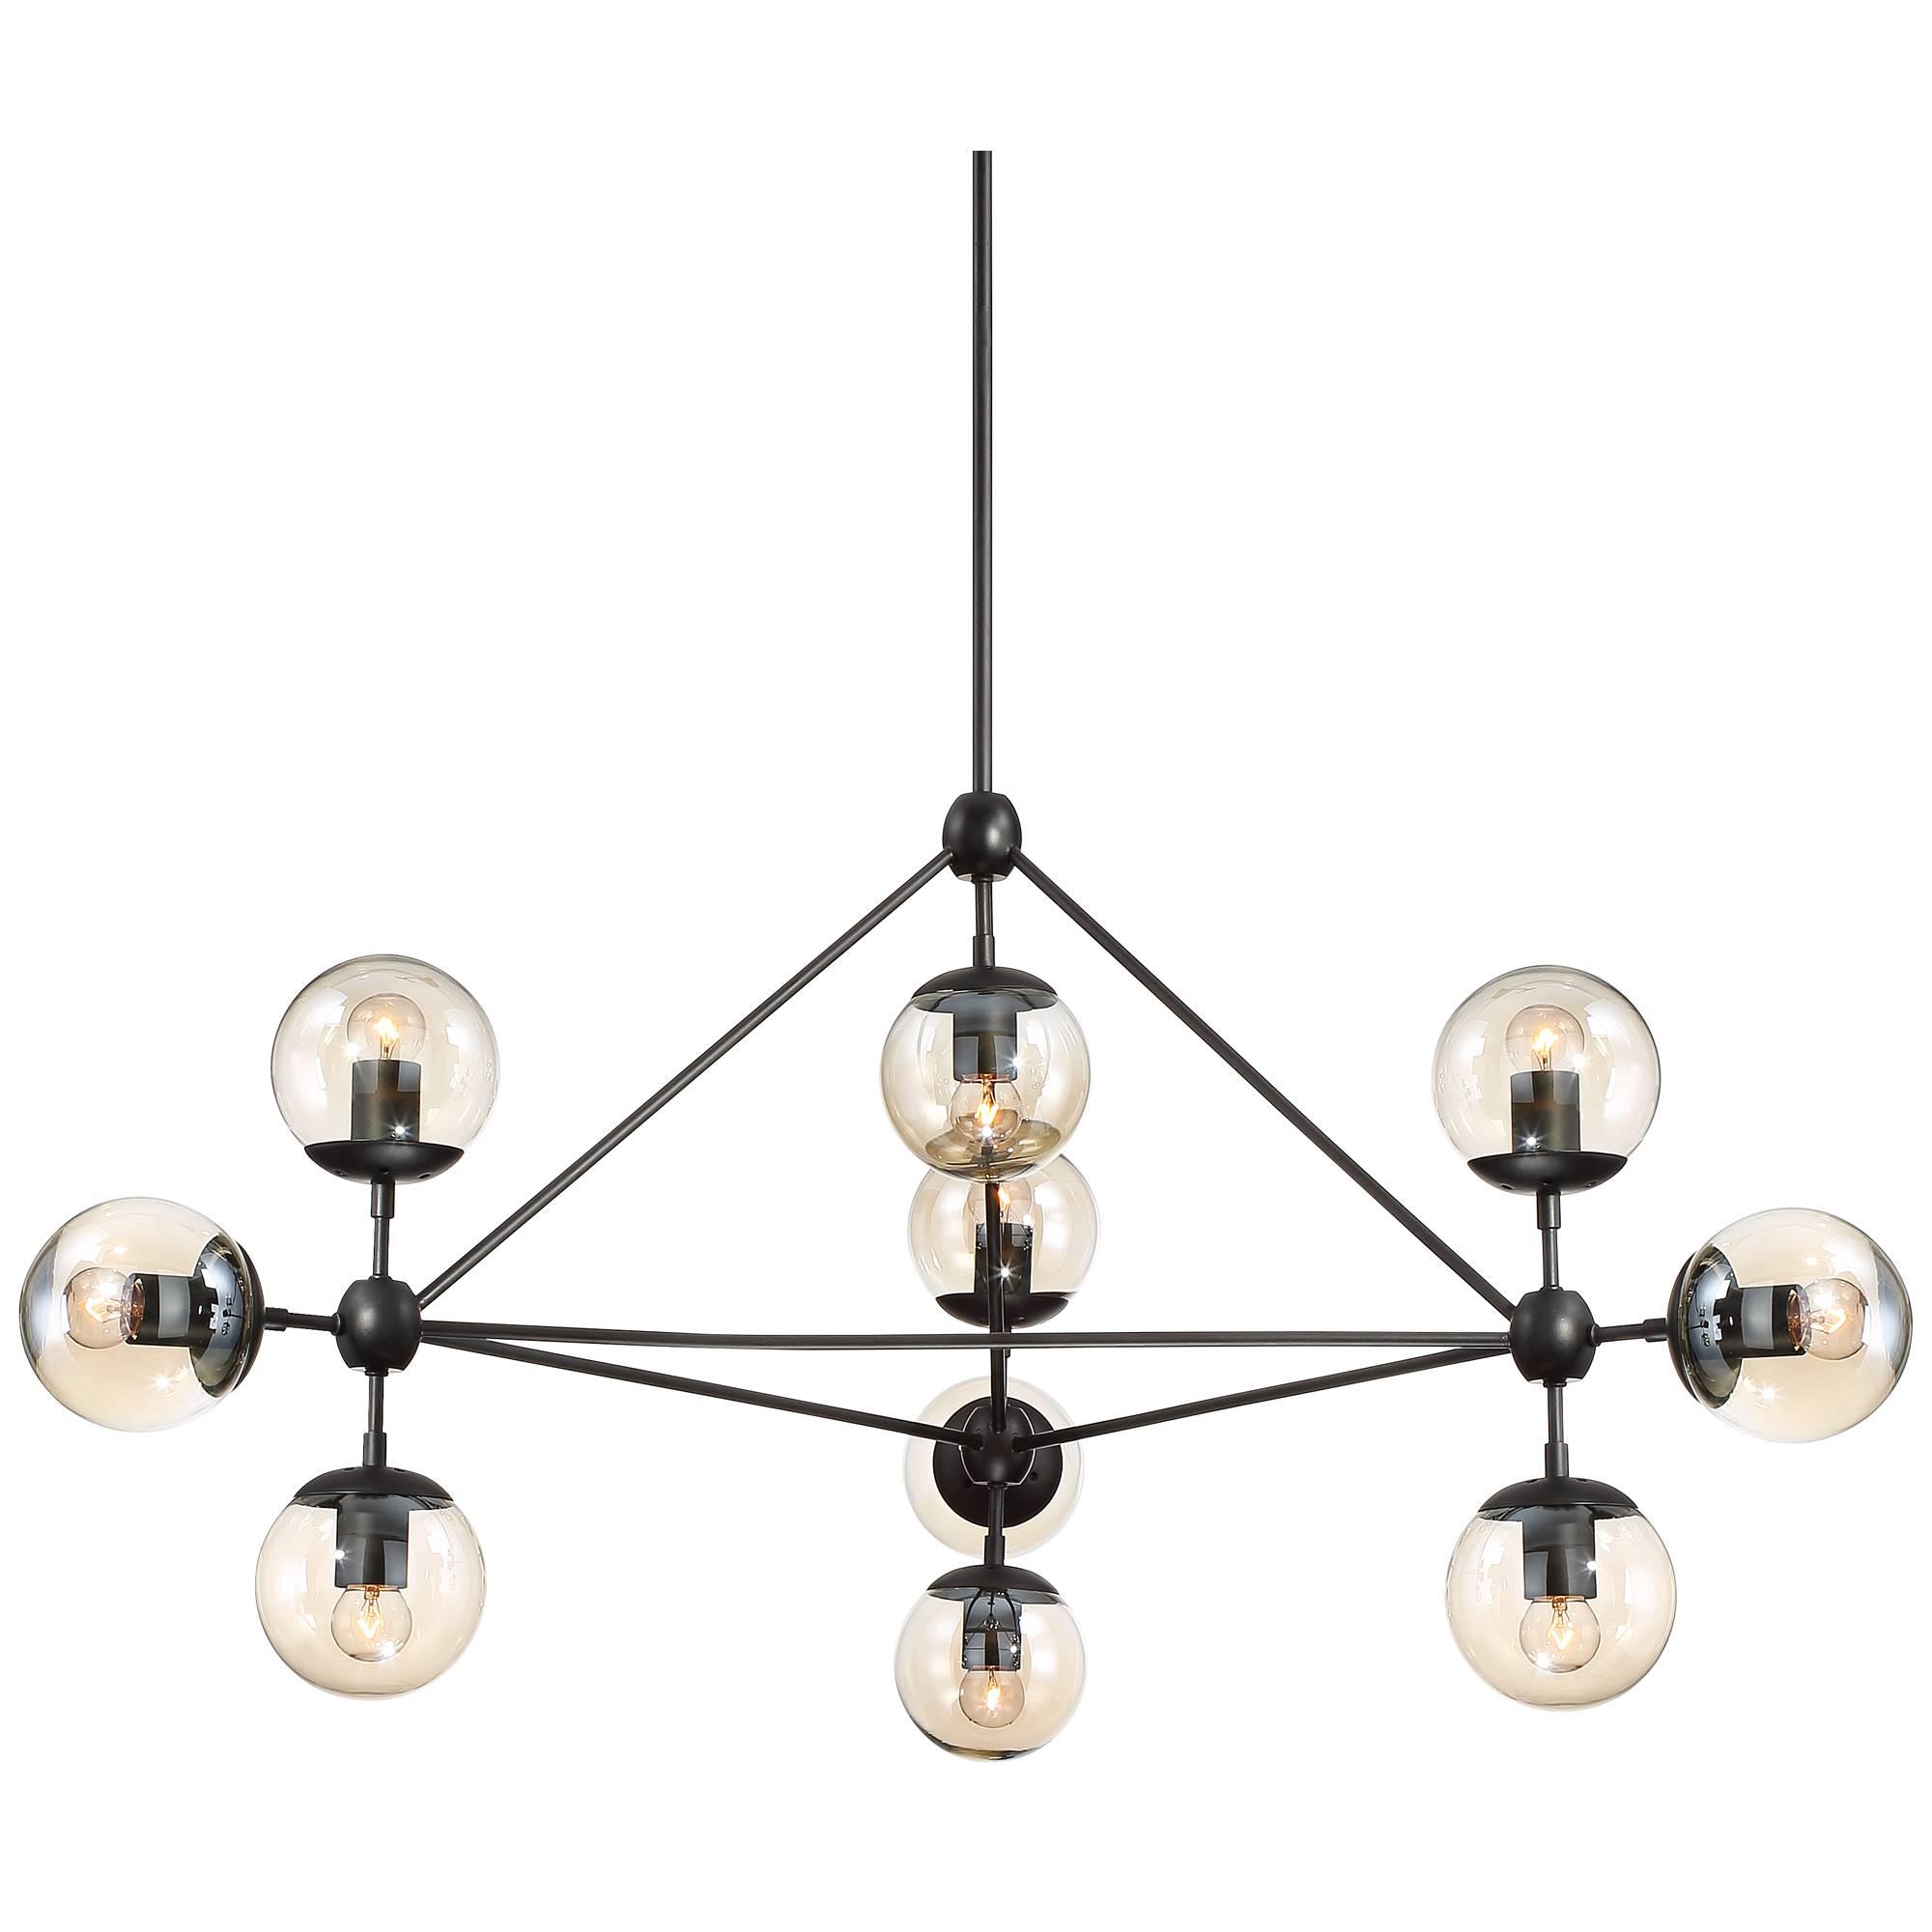 Possini euro gable 44 wide 10 light black chandelier ebay 736101795452 aloadofball Images